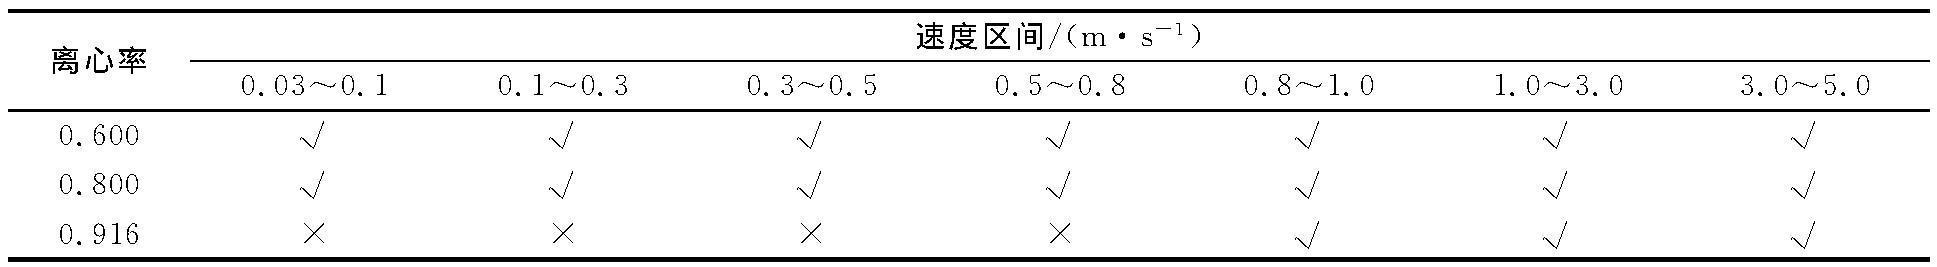 表1 不同结构导流筒所适应的测速区间Table 1 Suitable velocity range for different structures of draft tube